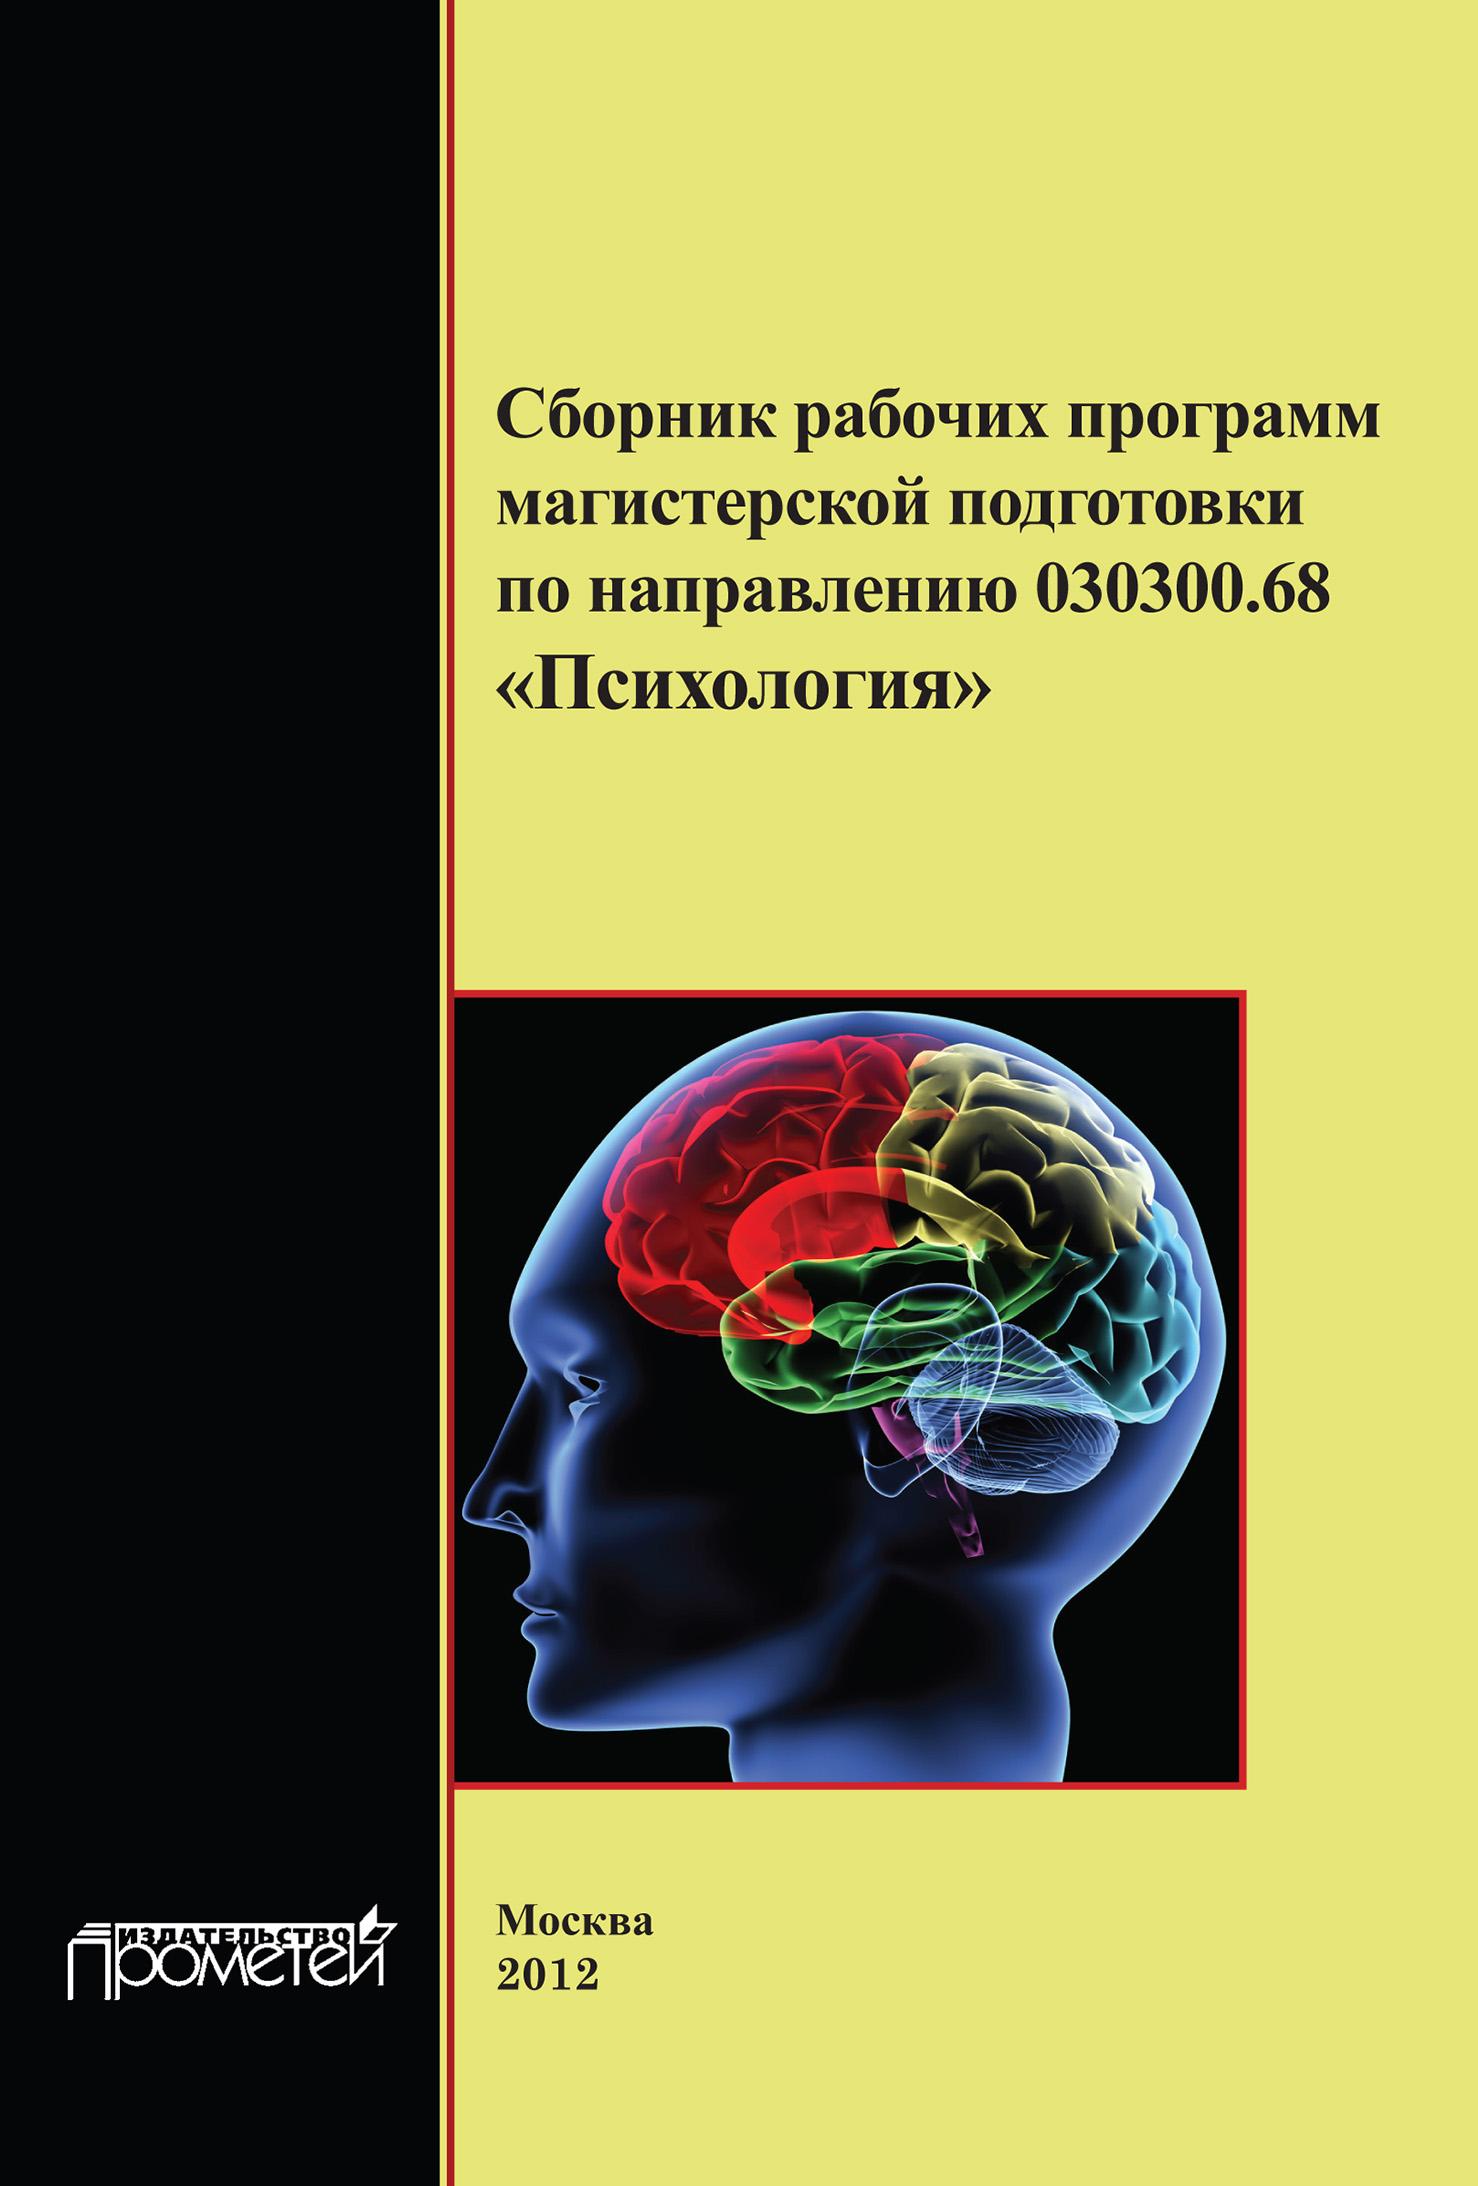 Коллектив авторов Сборник рабочих программ магистерской подготовки по направлению 030300.68 «Психология»